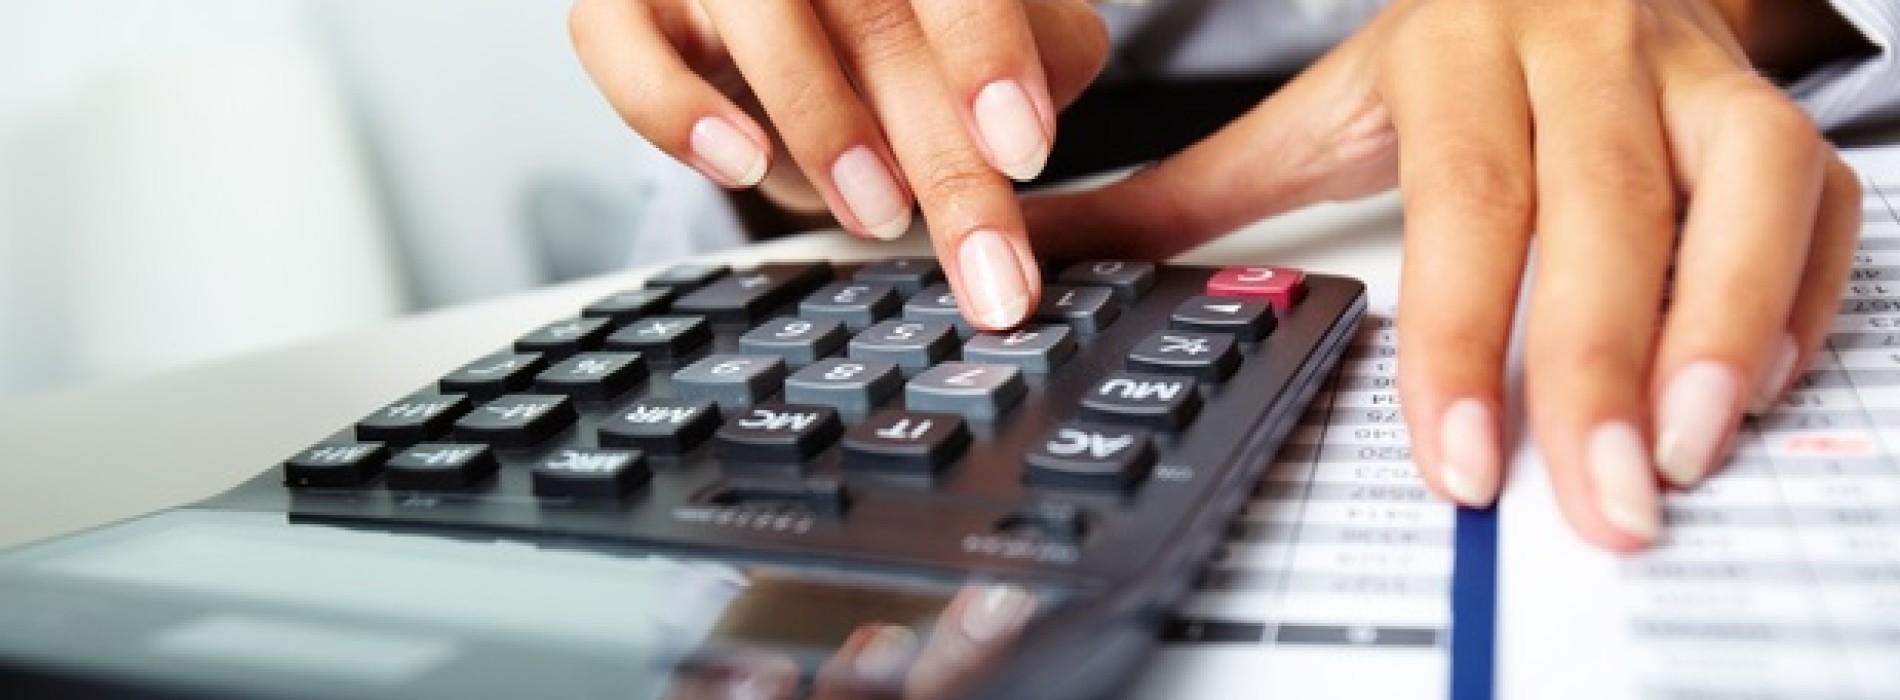 Jak rozliczyć dochody PIT w Danii?